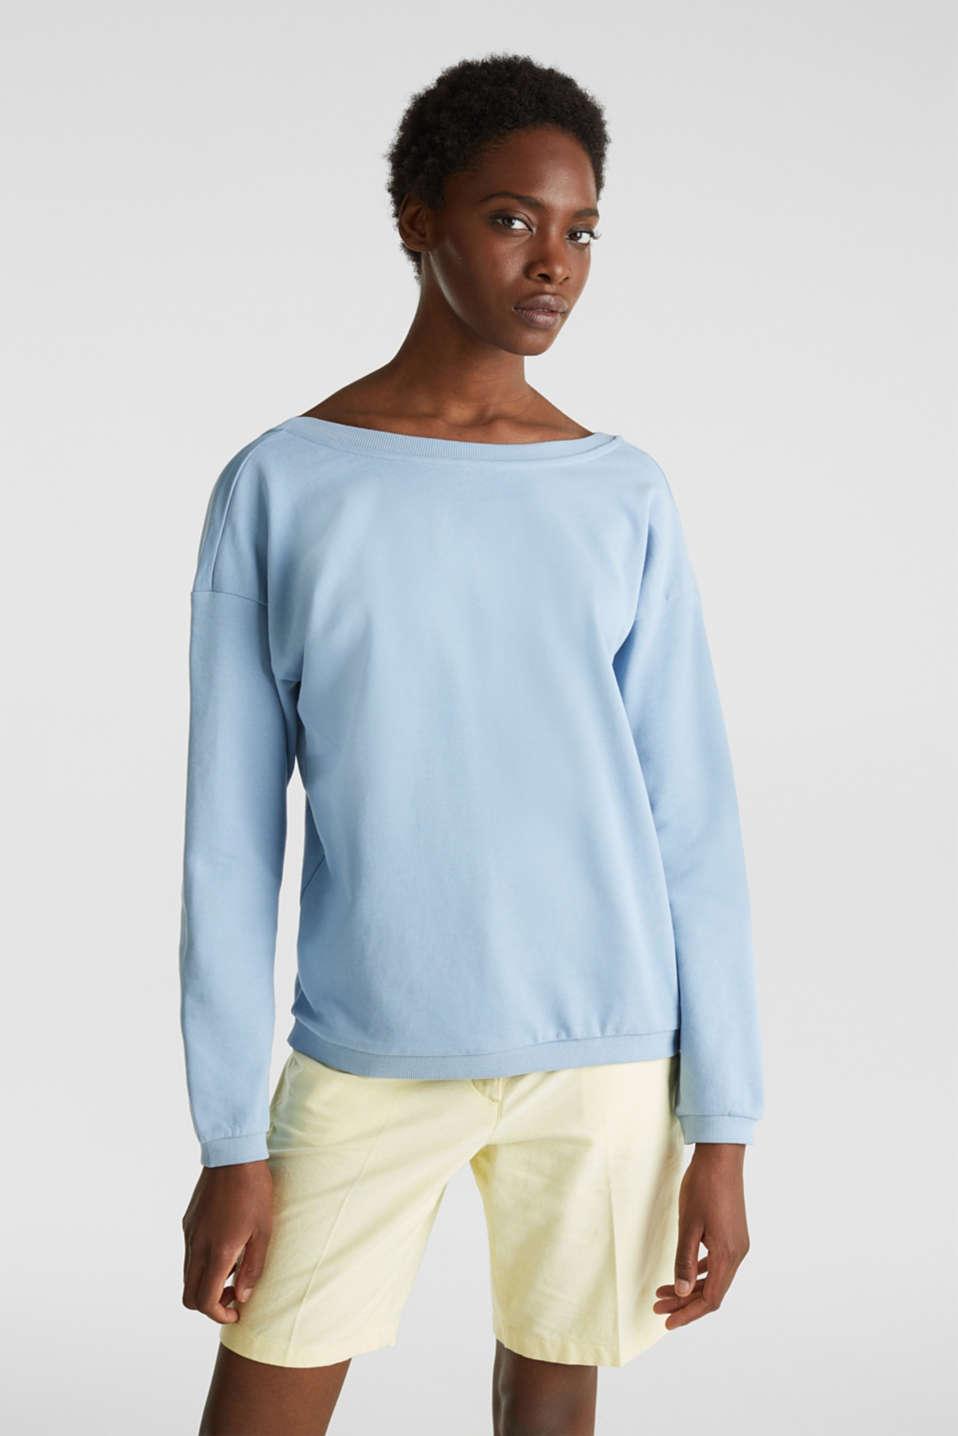 Sweatshirt with a back neckline, LIGHT BLUE, detail image number 0